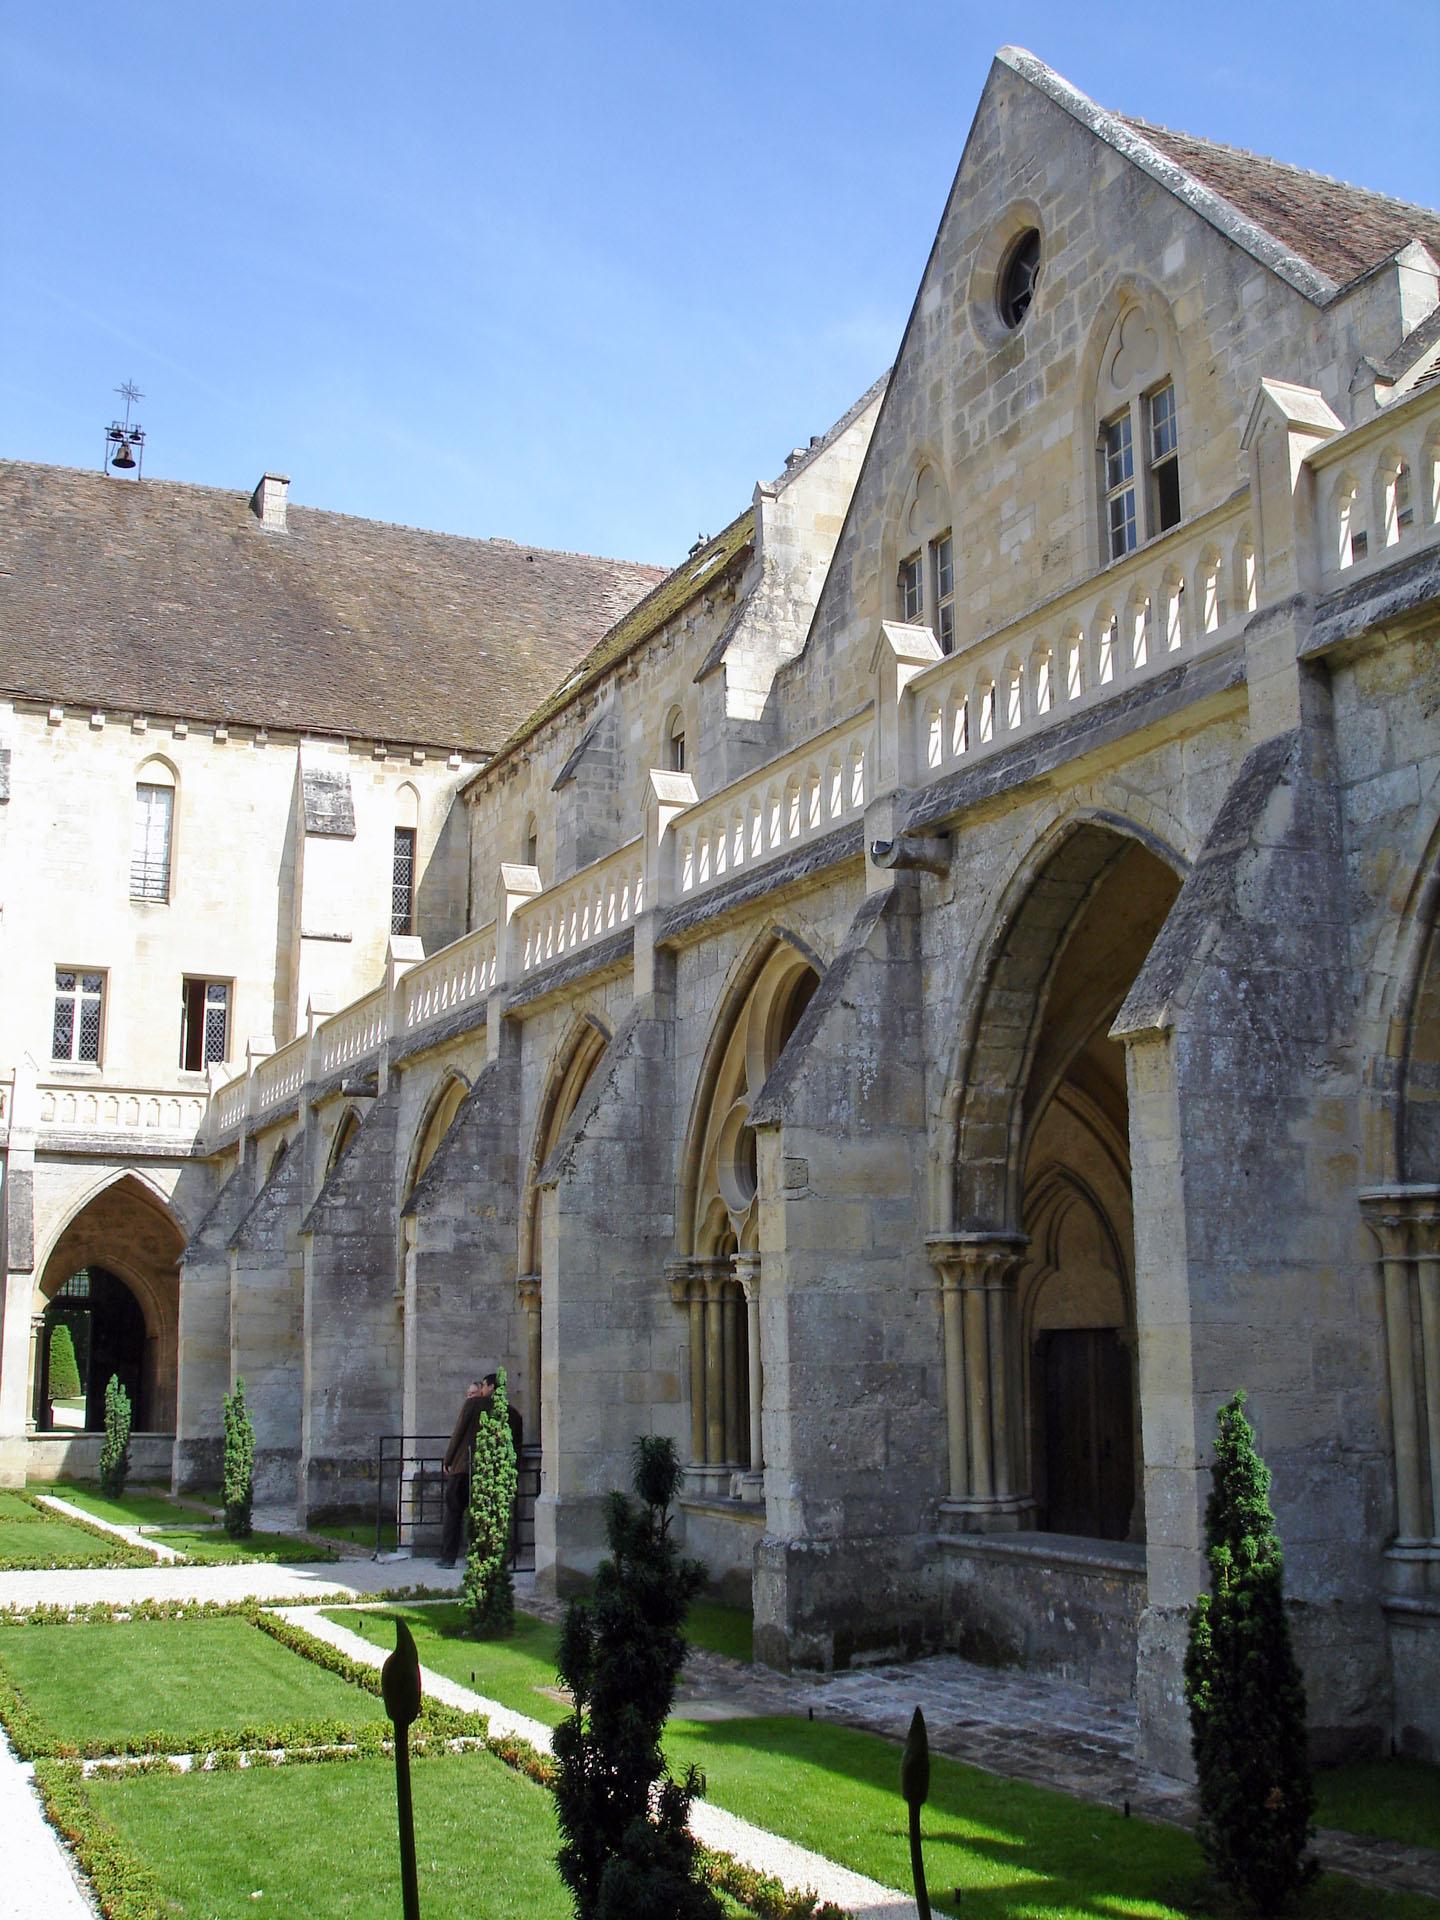 Photo De Galerie Exterieur fichier:abbaye de royaumont - extérieur galerie sud du